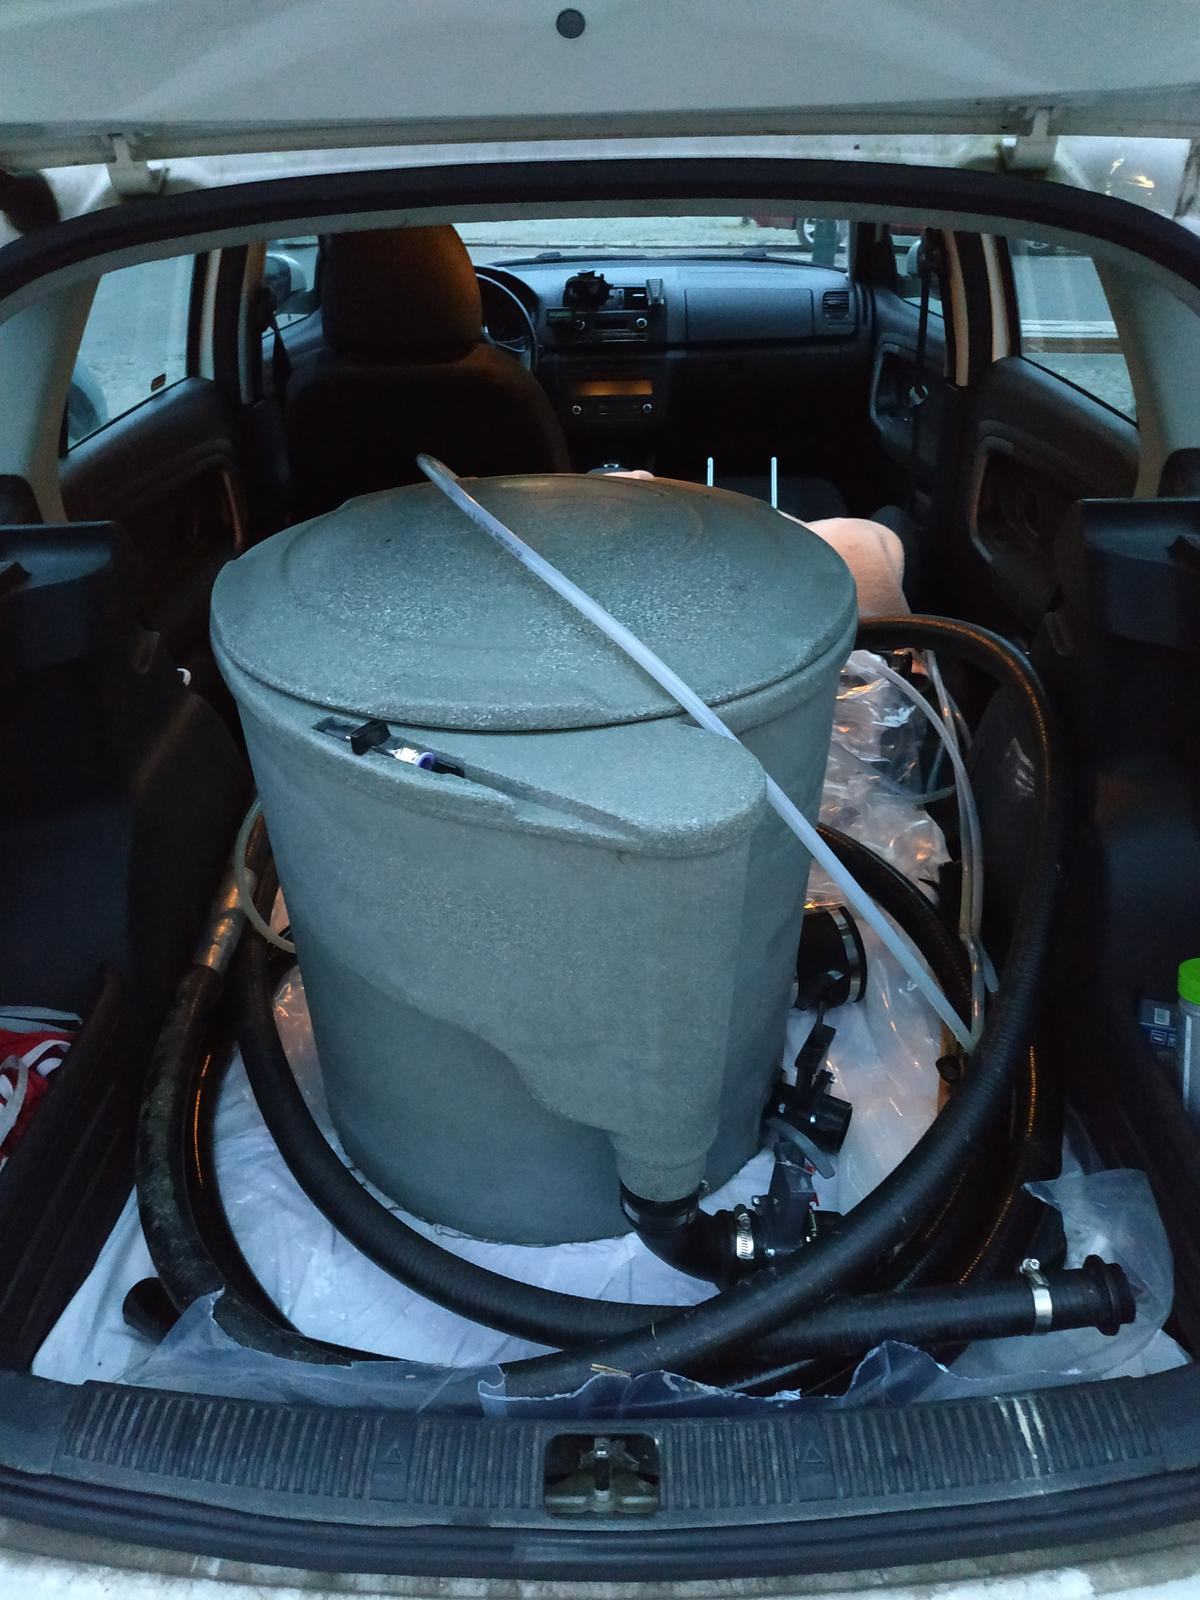 jezírko -filtrace Eazy Pod set - Obrázek č. 2